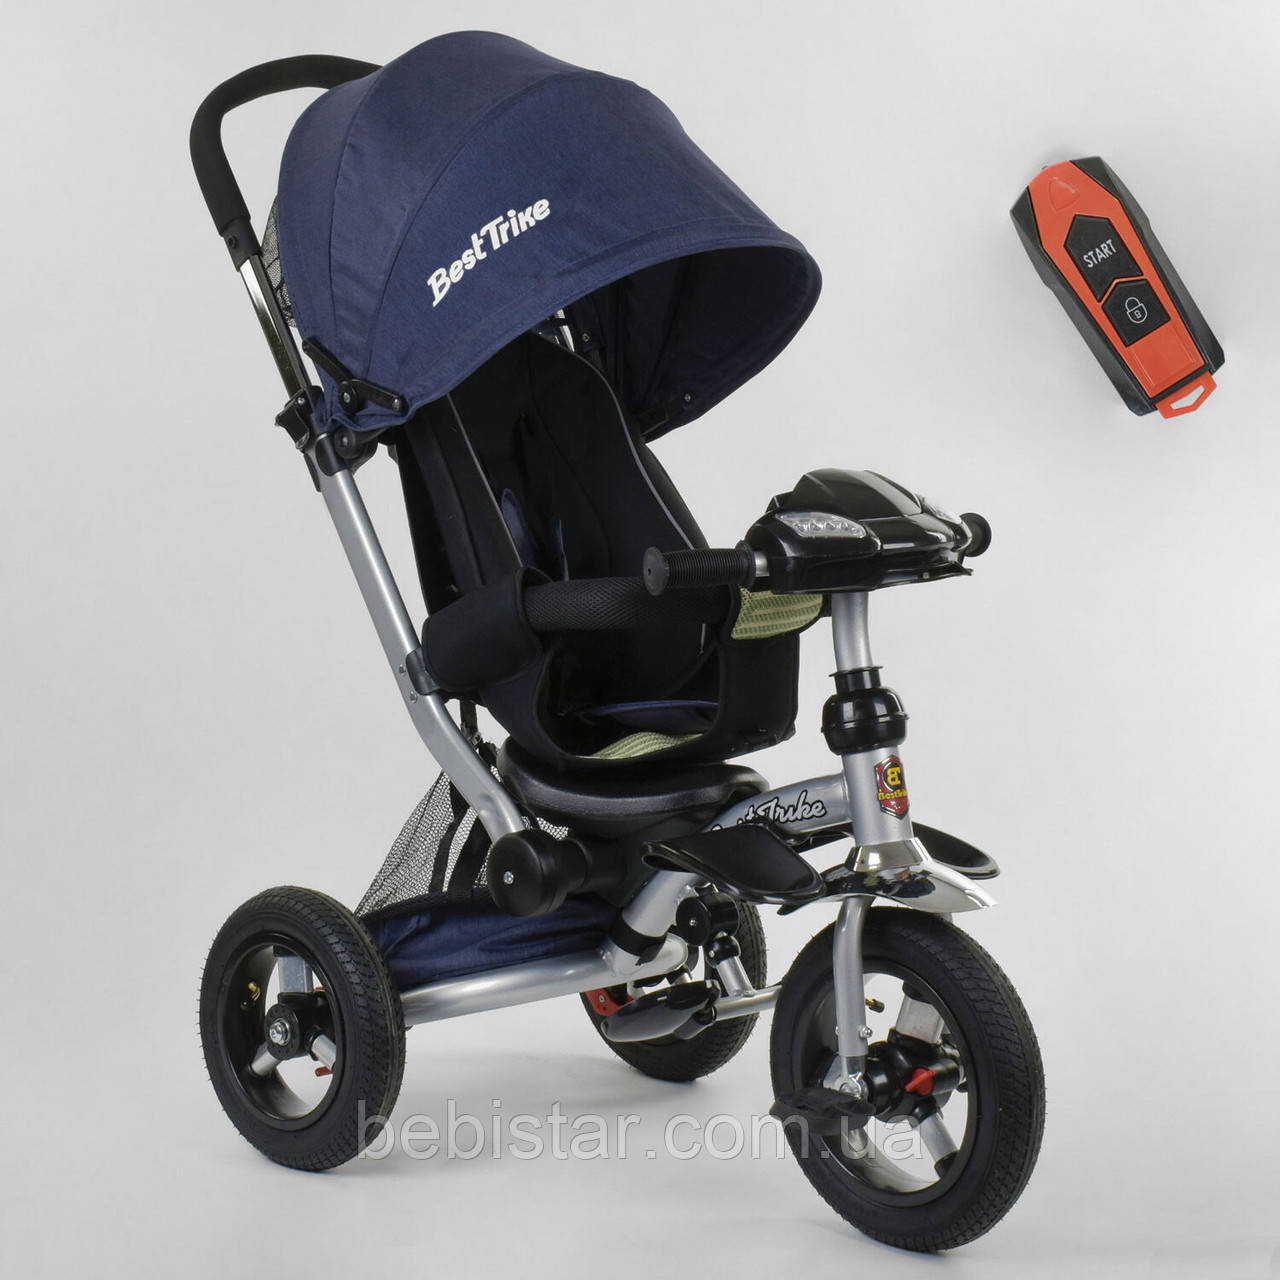 Детский трехколесный велосипед синий Best Trike 698 фара с USB пульт телескопическая ручка надувные колеса